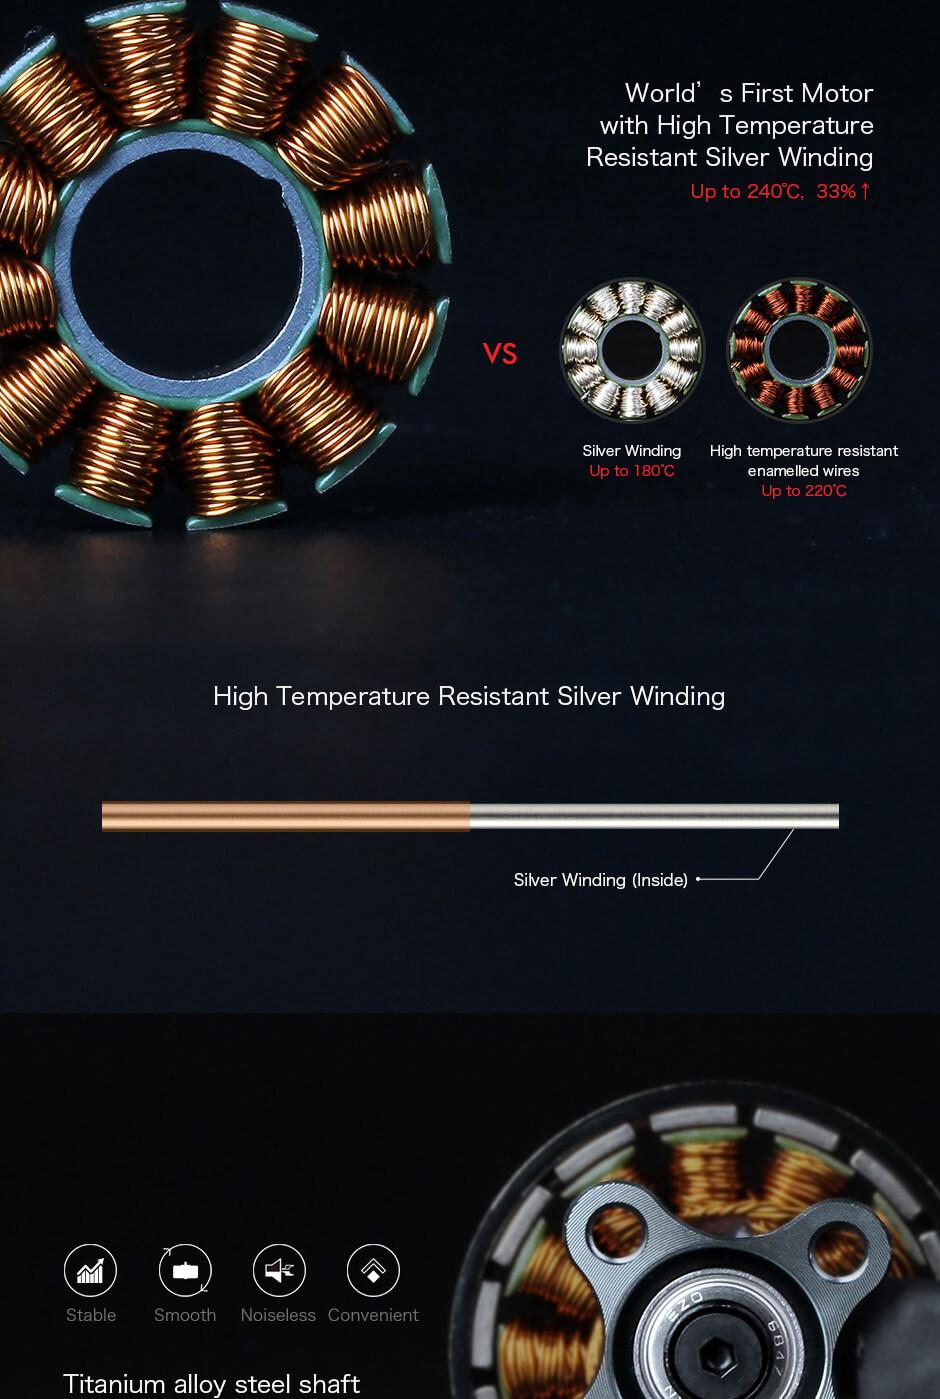 Wysoka odpornosc na temperatury oraz lepsze uzwojenie zapewniają wysokie osiągi